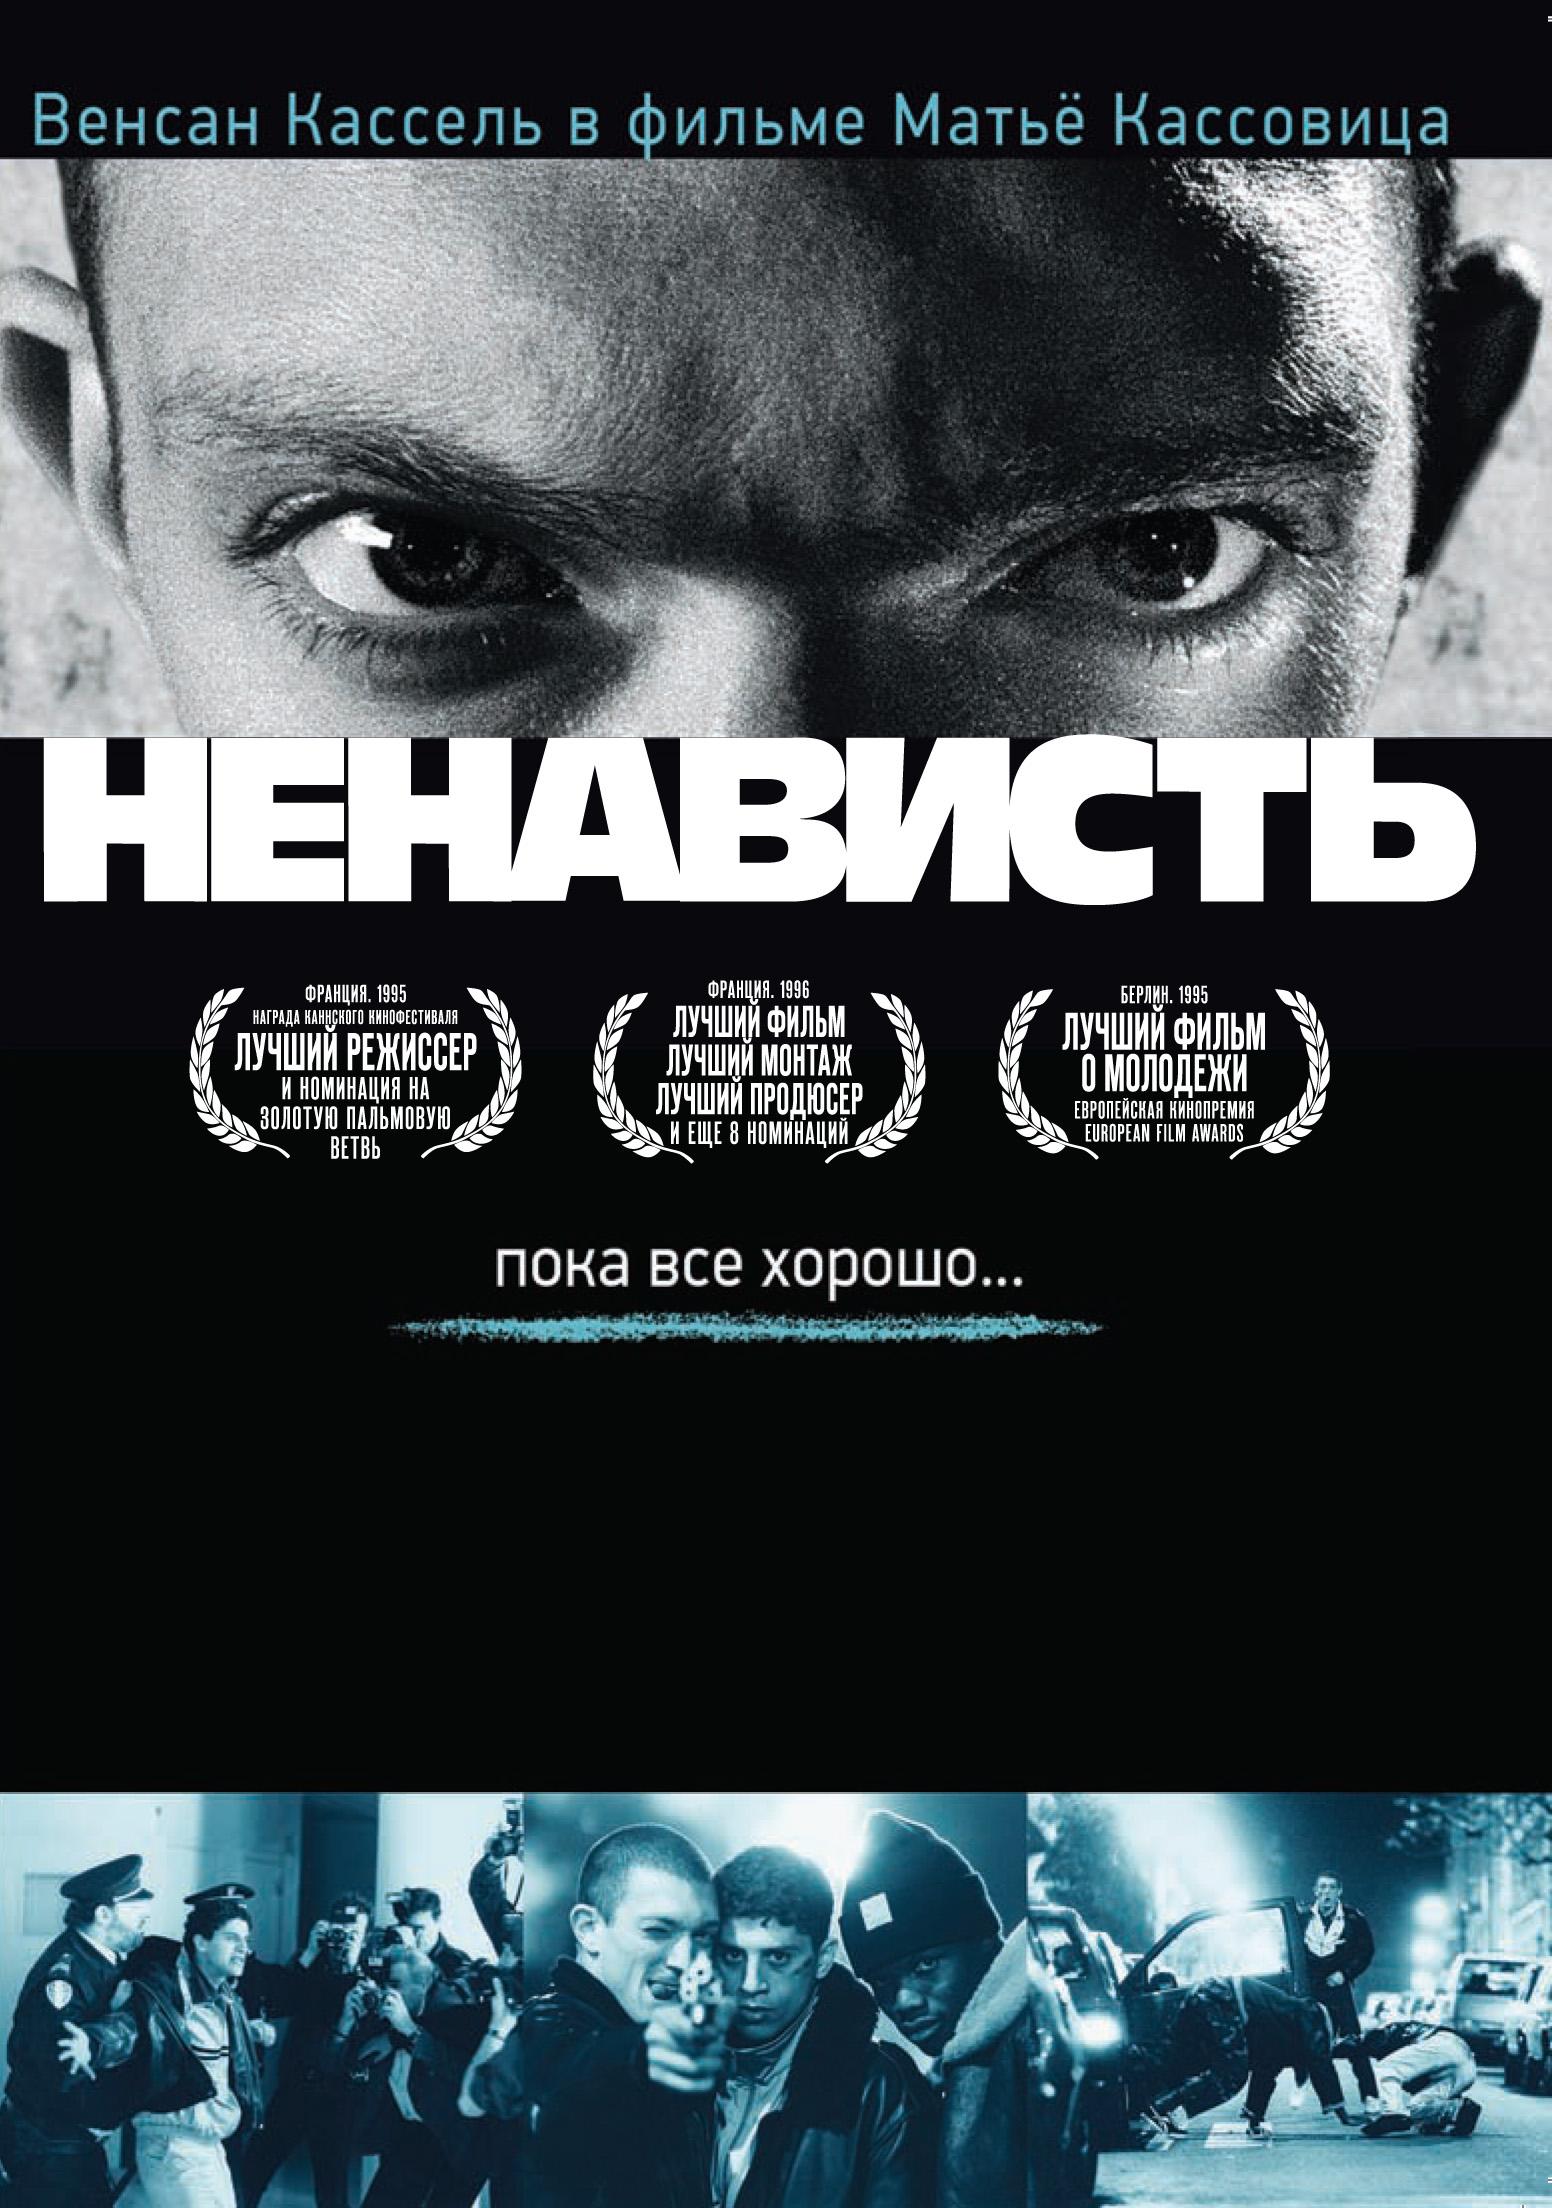 Фильм ненависть (1995) скачать торрент в хорошем качестве hd 1080.